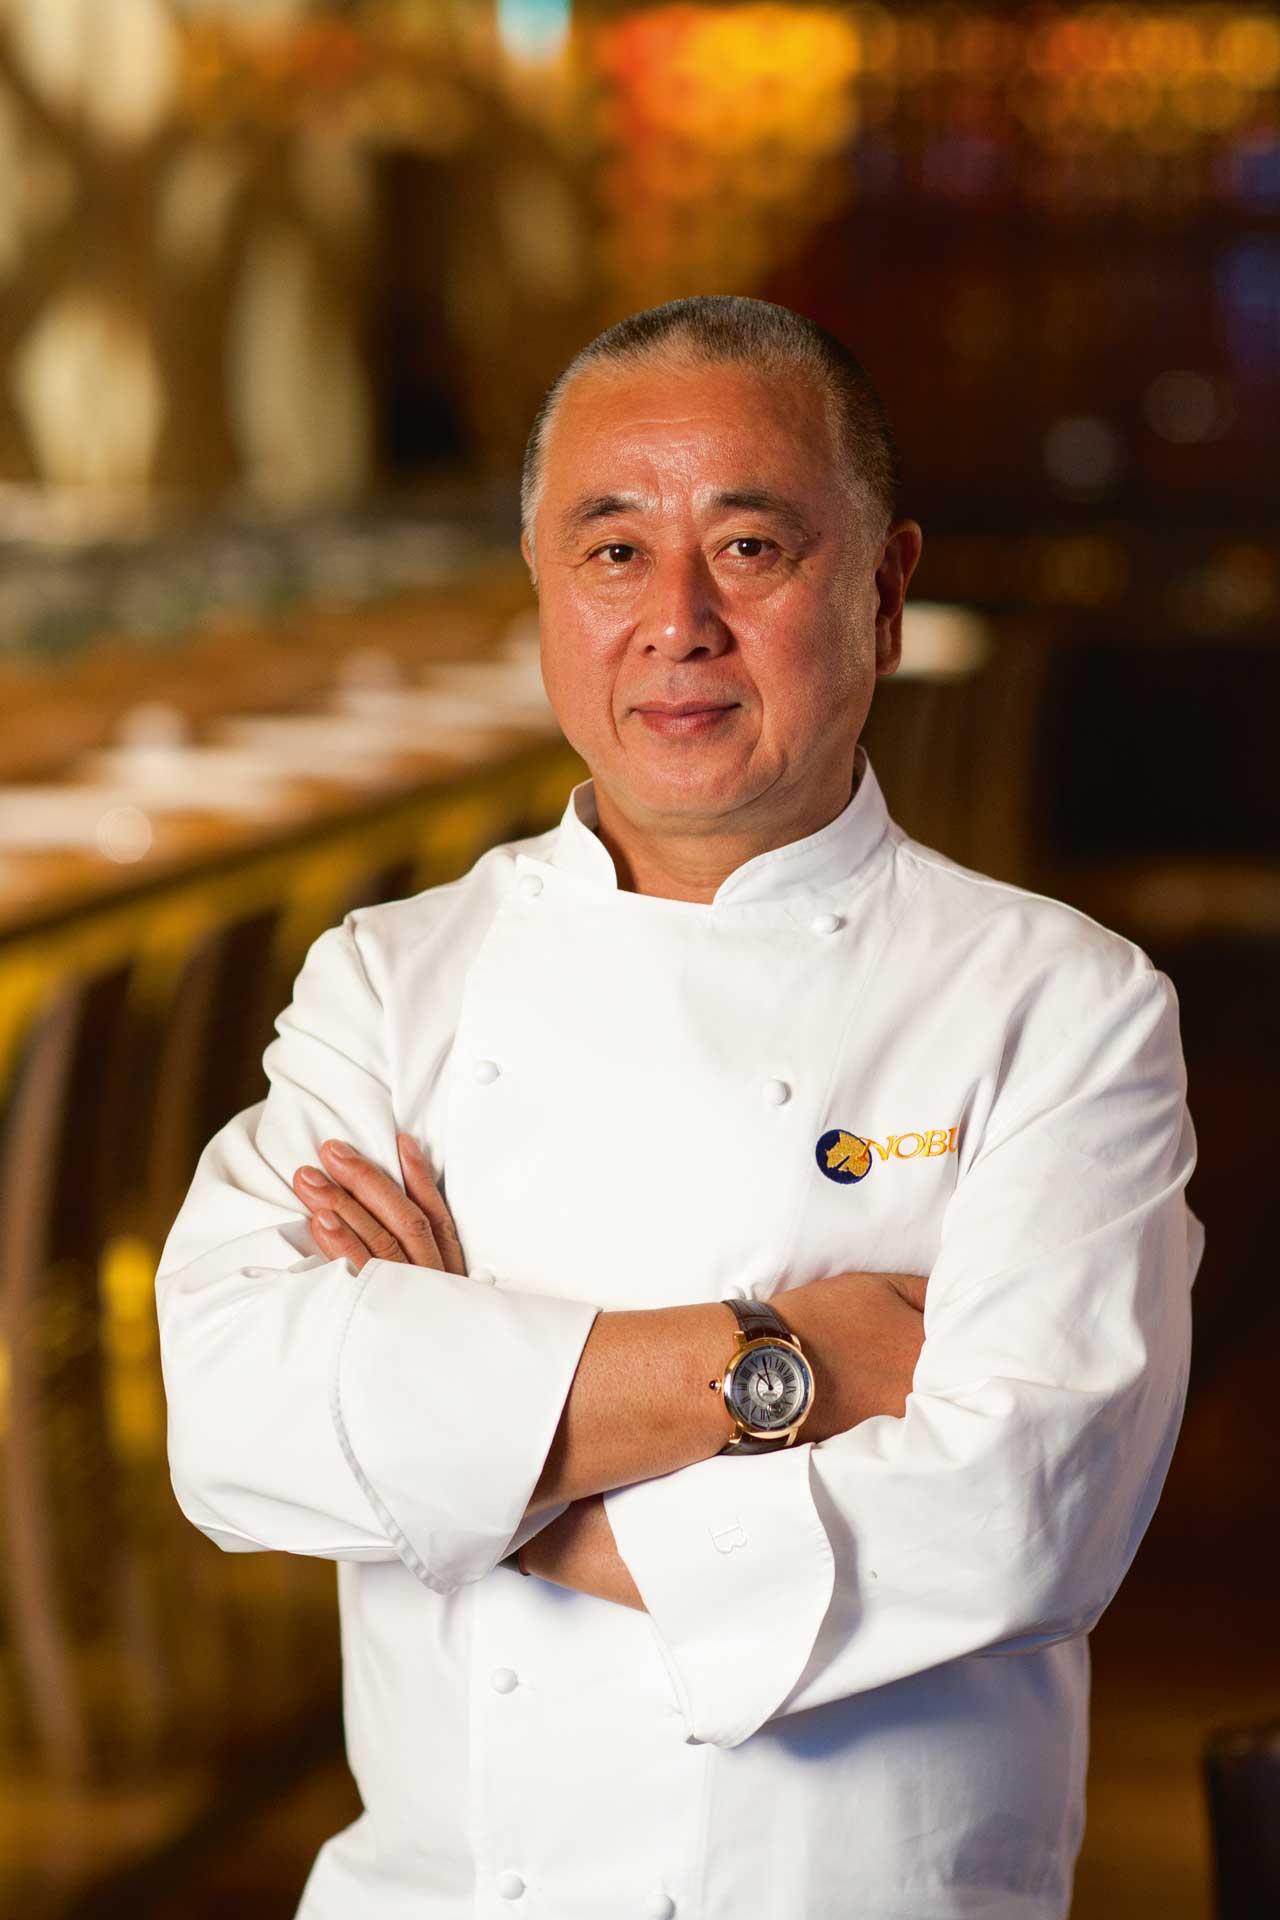 Nobu Matsuhisa, the internationally renowned Japanese chef